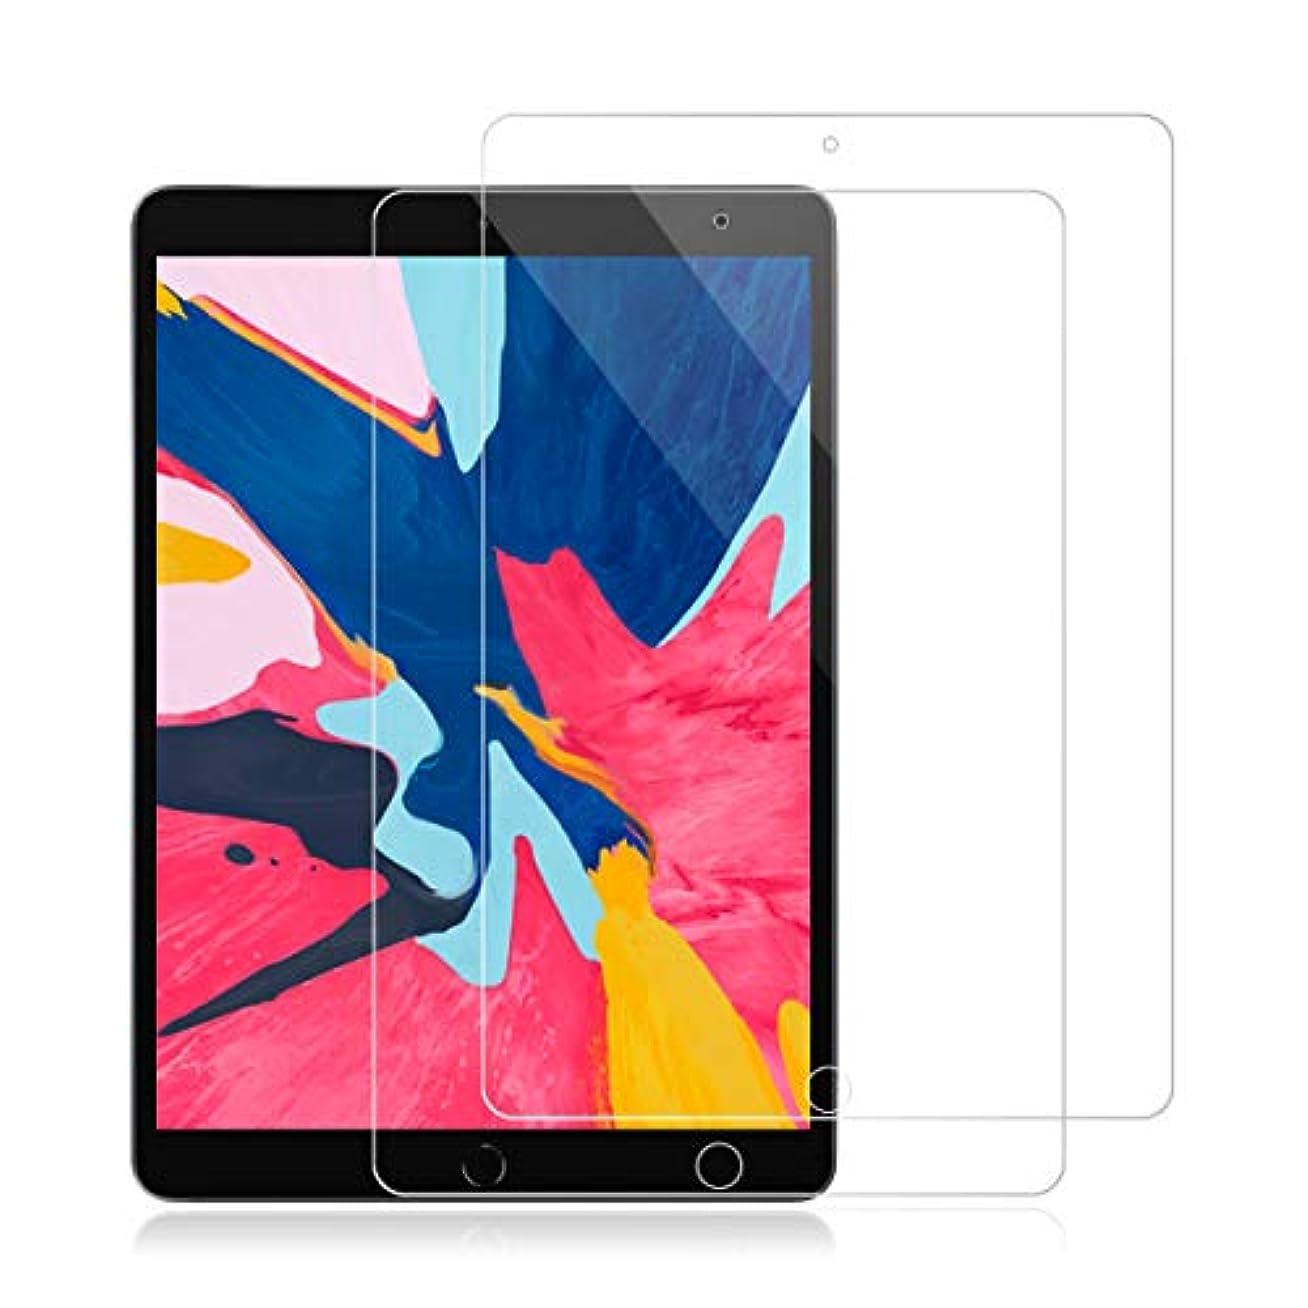 おばさんかりて瞬時にAidina iPad Air 2019 フィルム iPad Air 3 10.5インチ ガラスフィルム 2枚入り 旭硝子 硬度9H 耐衝撃 超薄0.3mm 高透過率 耐指紋 気泡ゼロ 自動吸着 液晶保護フィルム 強化ガラス